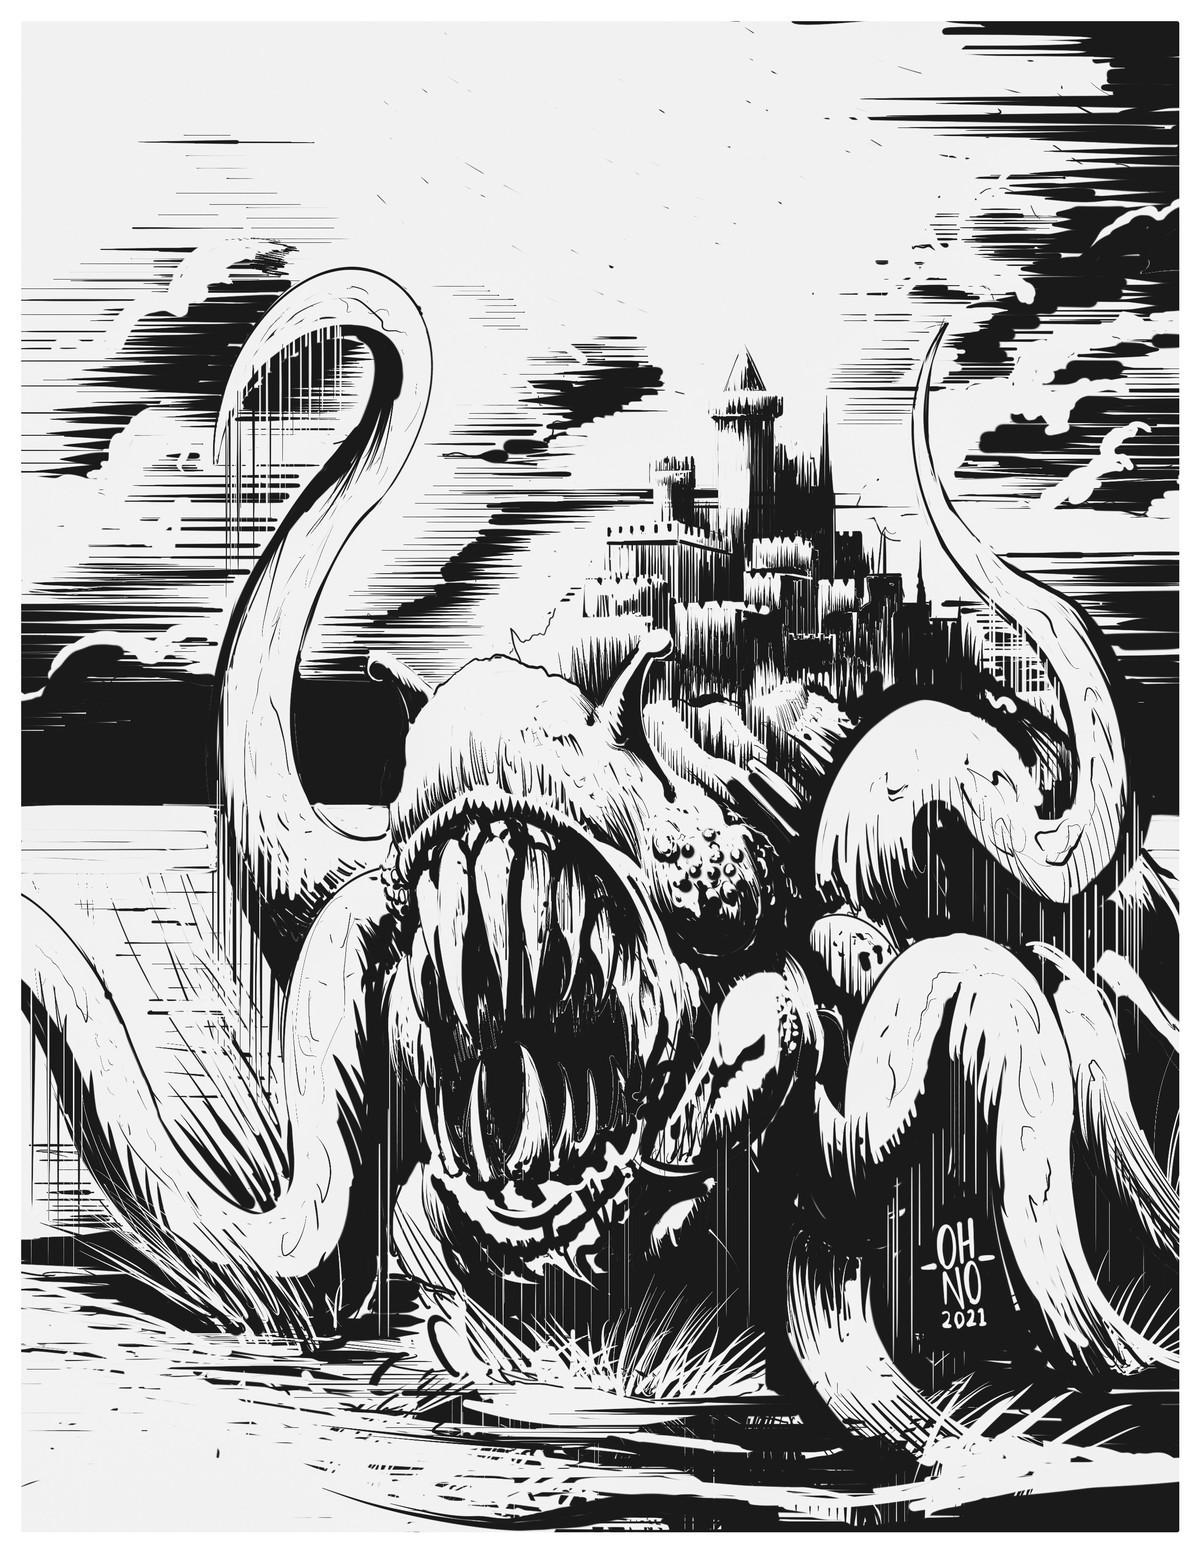 Fortress Slug by OhNoNeilio. .. Ewww detroit